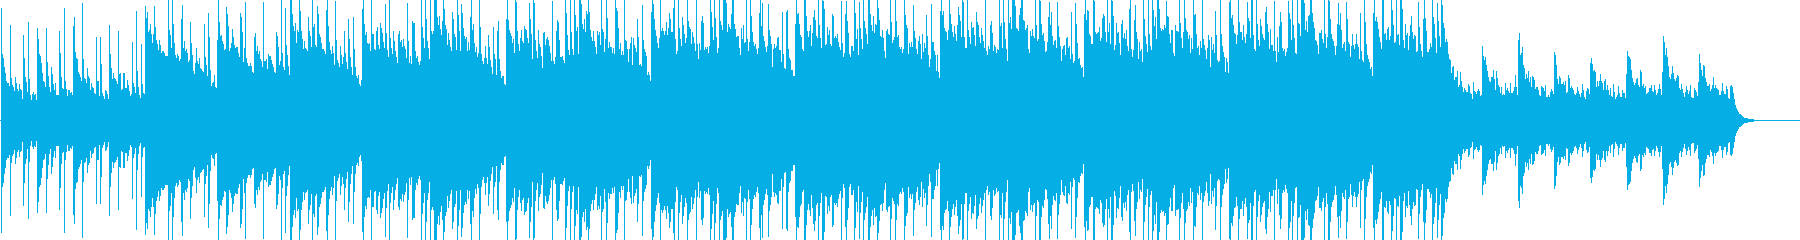 暗くも美しい洋楽風ロックBGMの再生済みの波形